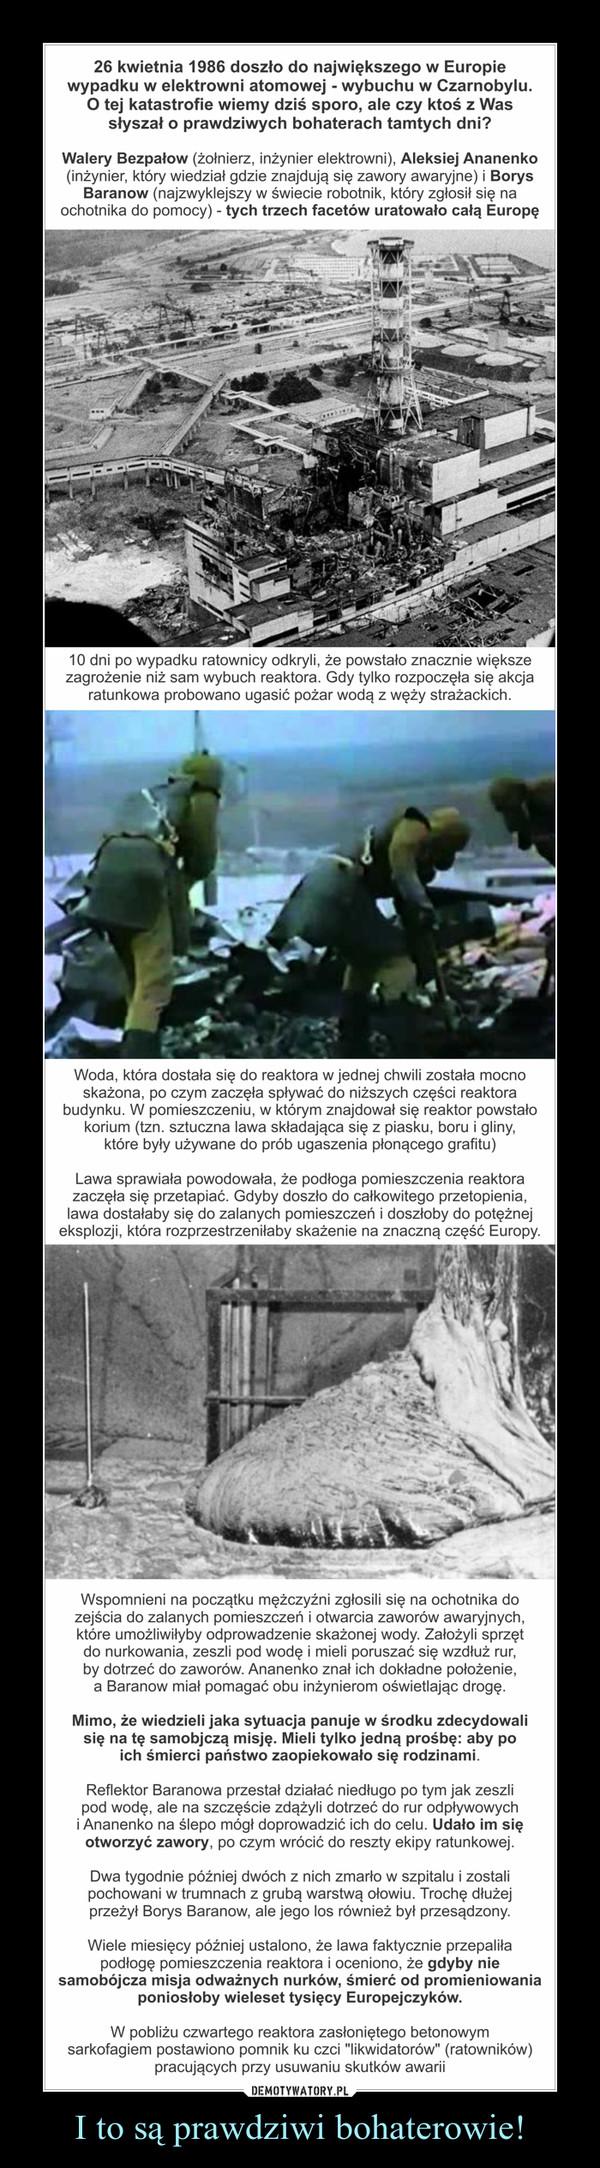 I to są prawdziwi bohaterowie! –  26 kwietnia 1986 doszło do największego w Europie wypadku w elektrowni atomowej - wybuchu w Czarnobylu. O tej katastrofie wiemy dziś sporo, ale czy ktoś z Was słyszał o prawdziwych bohaterach tamtych dni?Walery Bezpałow (żołnierz, inżynier elektrowni), Aleksiej Ananenko (inżynier, który wiedział gdzie znajdują się zawory awaryjne) i Borys Baranow (najzwyklejszy w świecie robotnik, który zgłosił się na ochotnika do pomocy) - tych trzech facetów uratowało całą Europę10 dni po wypadku ratownicy odkryli, że powstało znacznie większe zagrożenie niż sam wybuch reaktora. Gdy tylko rozpoczęła się akcja ratunkowa probowano ugasić pożar wodą z węży strażackich. Woda, która dostała się do reaktora w jednej chwili została mocno skażona, po czym zaczęła spływać do niższych części reaktora budynku. W pomieszczeniu, w którym znajdował się reaktor powstało korium (tzn. sztuczna lawa składająca się z piasku, boru i gliny, które były używane do prób ugaszenia płonącego grafitu)Lawa sprawiała powodowała, że podłoga pomieszczenia reaktora zaczęła się przetapiać. Gdyby doszło do całkowitego przetopienia, lawa dostałaby się do zalanych pomieszczeń i doszłoby do potężnej eksplozji, która rozprzestrzeniłaby skażenie na znaczną część Europy.Wspomnieni na początku mężczyźni zgłosili się na ochotnika do zejścia do zalanych pomieszczeń i otwarcia zaworów awaryjnych, które umożliwiłyby odprowadzenie skażonej wody. Założyli sprzęt do nurkowania, zeszli pod wodę i mieli poruszać się wzdłuż rur, by dotrzeć do zaworów. Ananenko znał ich dokładne położenie, a Baranow miał pomagać obu inżynierom oświetlając drogę. Mimo, że wiedzieli jaka sytuacja panuje w środku zdecydowali się na tę samobjczą misję. Mieli tylko jedną prośbę: aby po ich śmierci państwo zaopiekowało się rodzinami.Reflektor Baranowa przestał działać niedługo po tym jak zeszli pod wodę, ale na szczęście zdążyli dotrzeć do rur odpływowych i Ananenko na ślepo mógł doprowadzić ich do celu. Udało im się otw